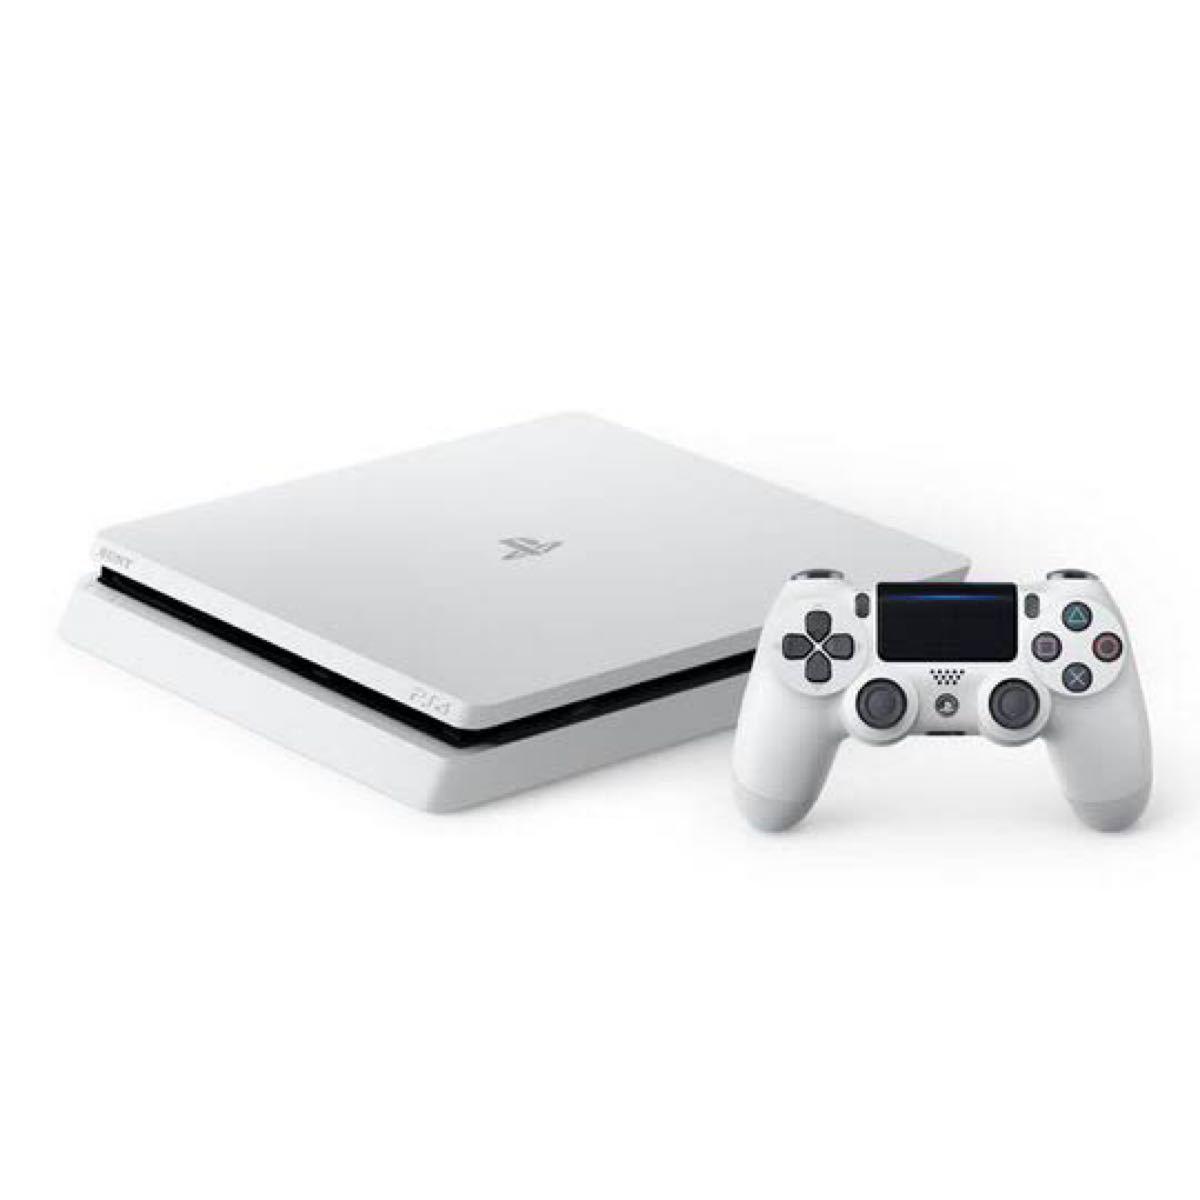 グレイシャー PS4本体 プレイステーション4 PlayStation4 SONY PS4 本体 美品